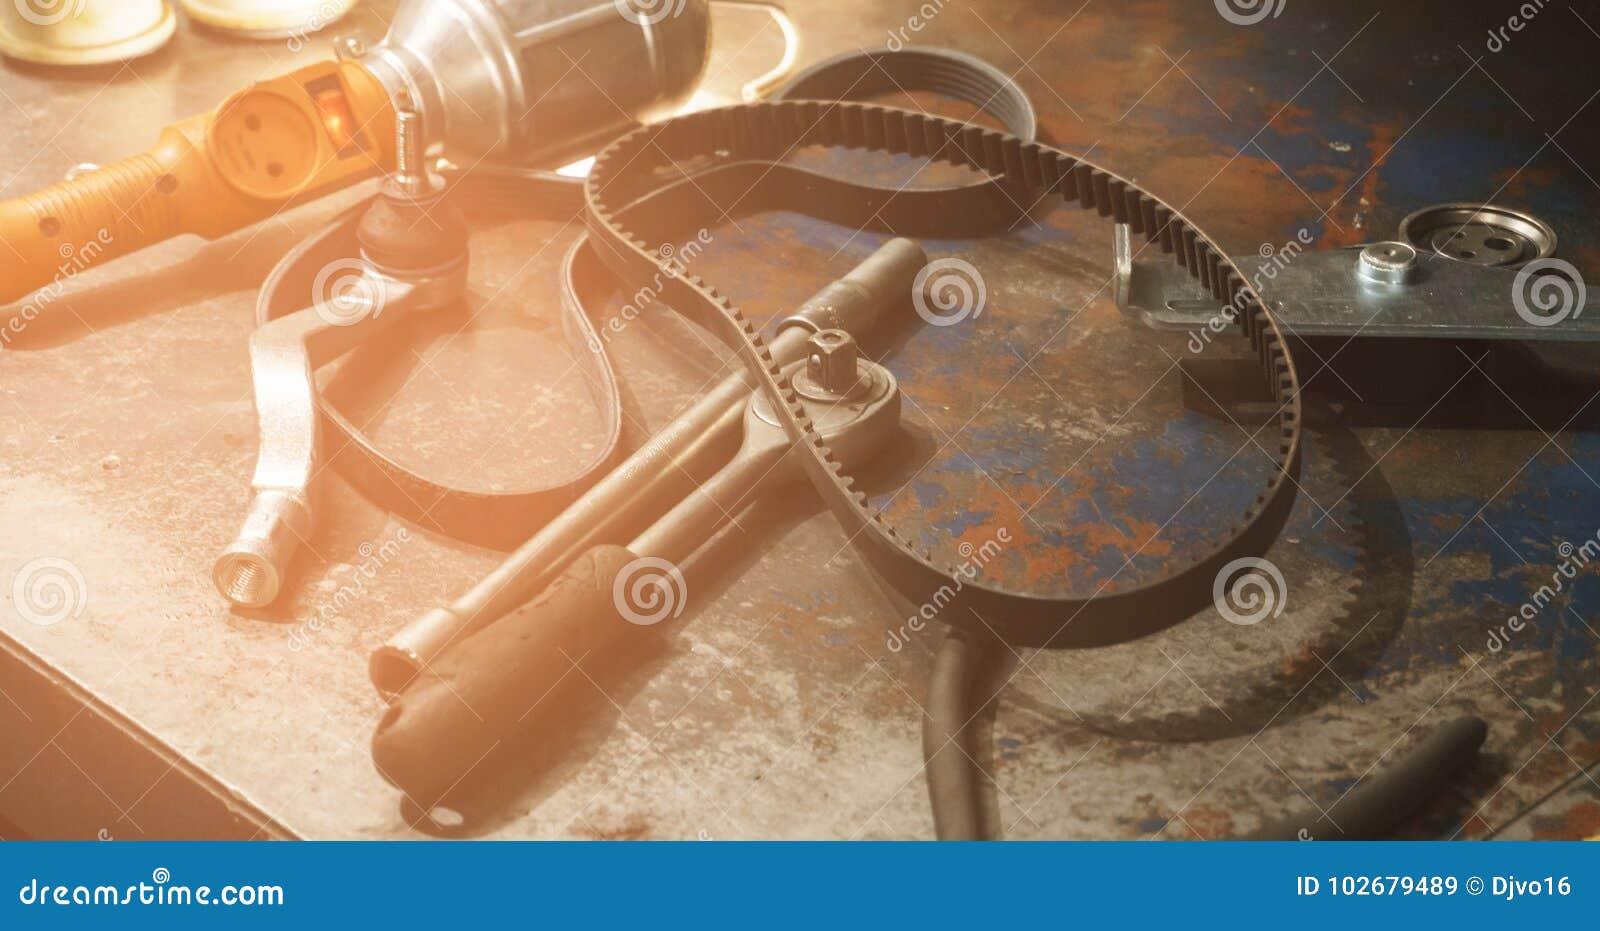 Várias ferramentas e peças sobresselentes em uma tabela oxidada suja em uma auto oficina